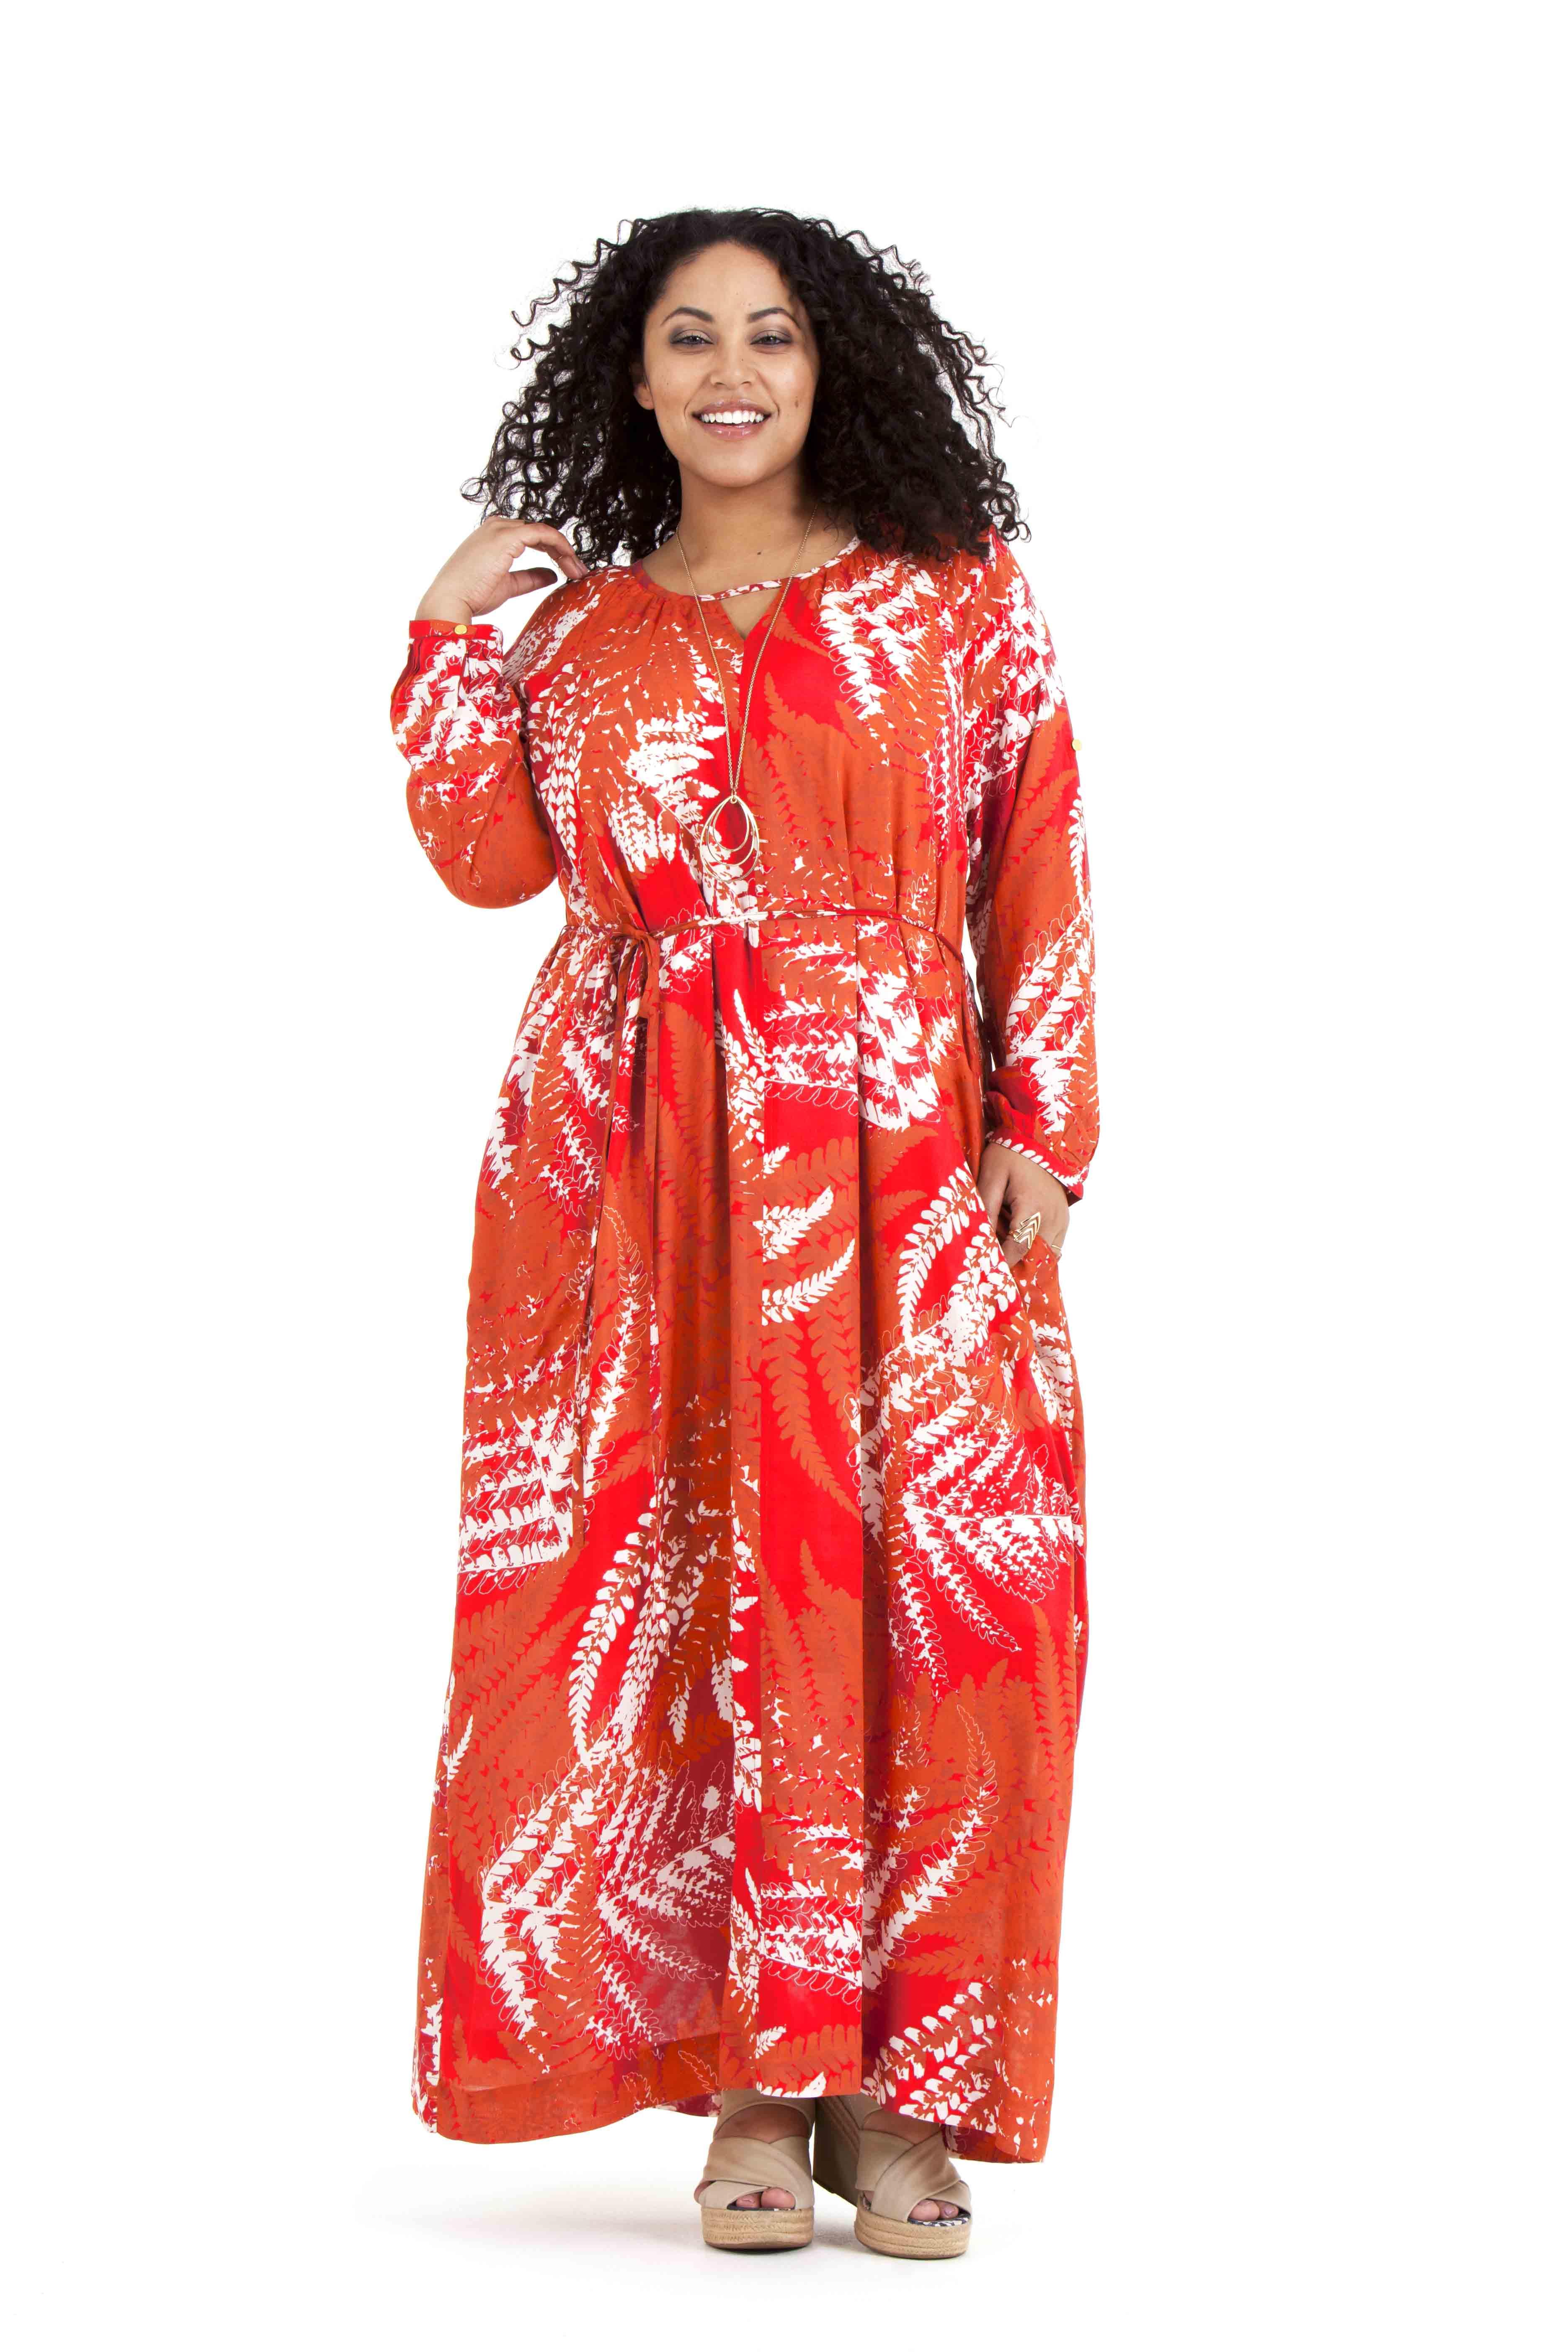 För den som vill ha något hellångt är Ofelia klänningen perfekt. Med knytband i midjan som enkelt kan plockas bort. Finns i Fern orange och Fern grön. Pris 899:-